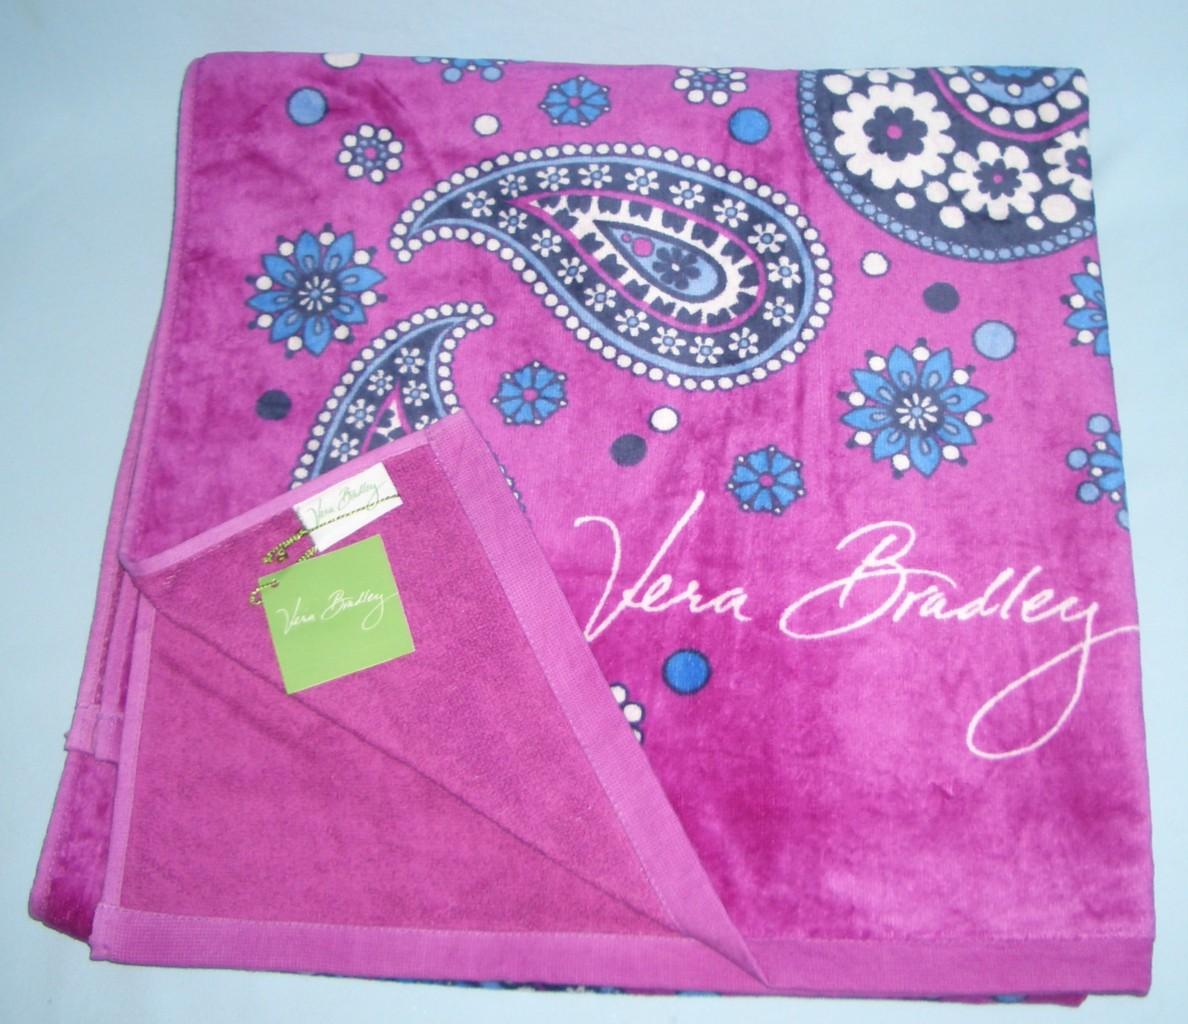 Ebay Vera Bradley Beach Towel: Vera Bradley Bath Shower Resort Spa Beach Towel Choice Of